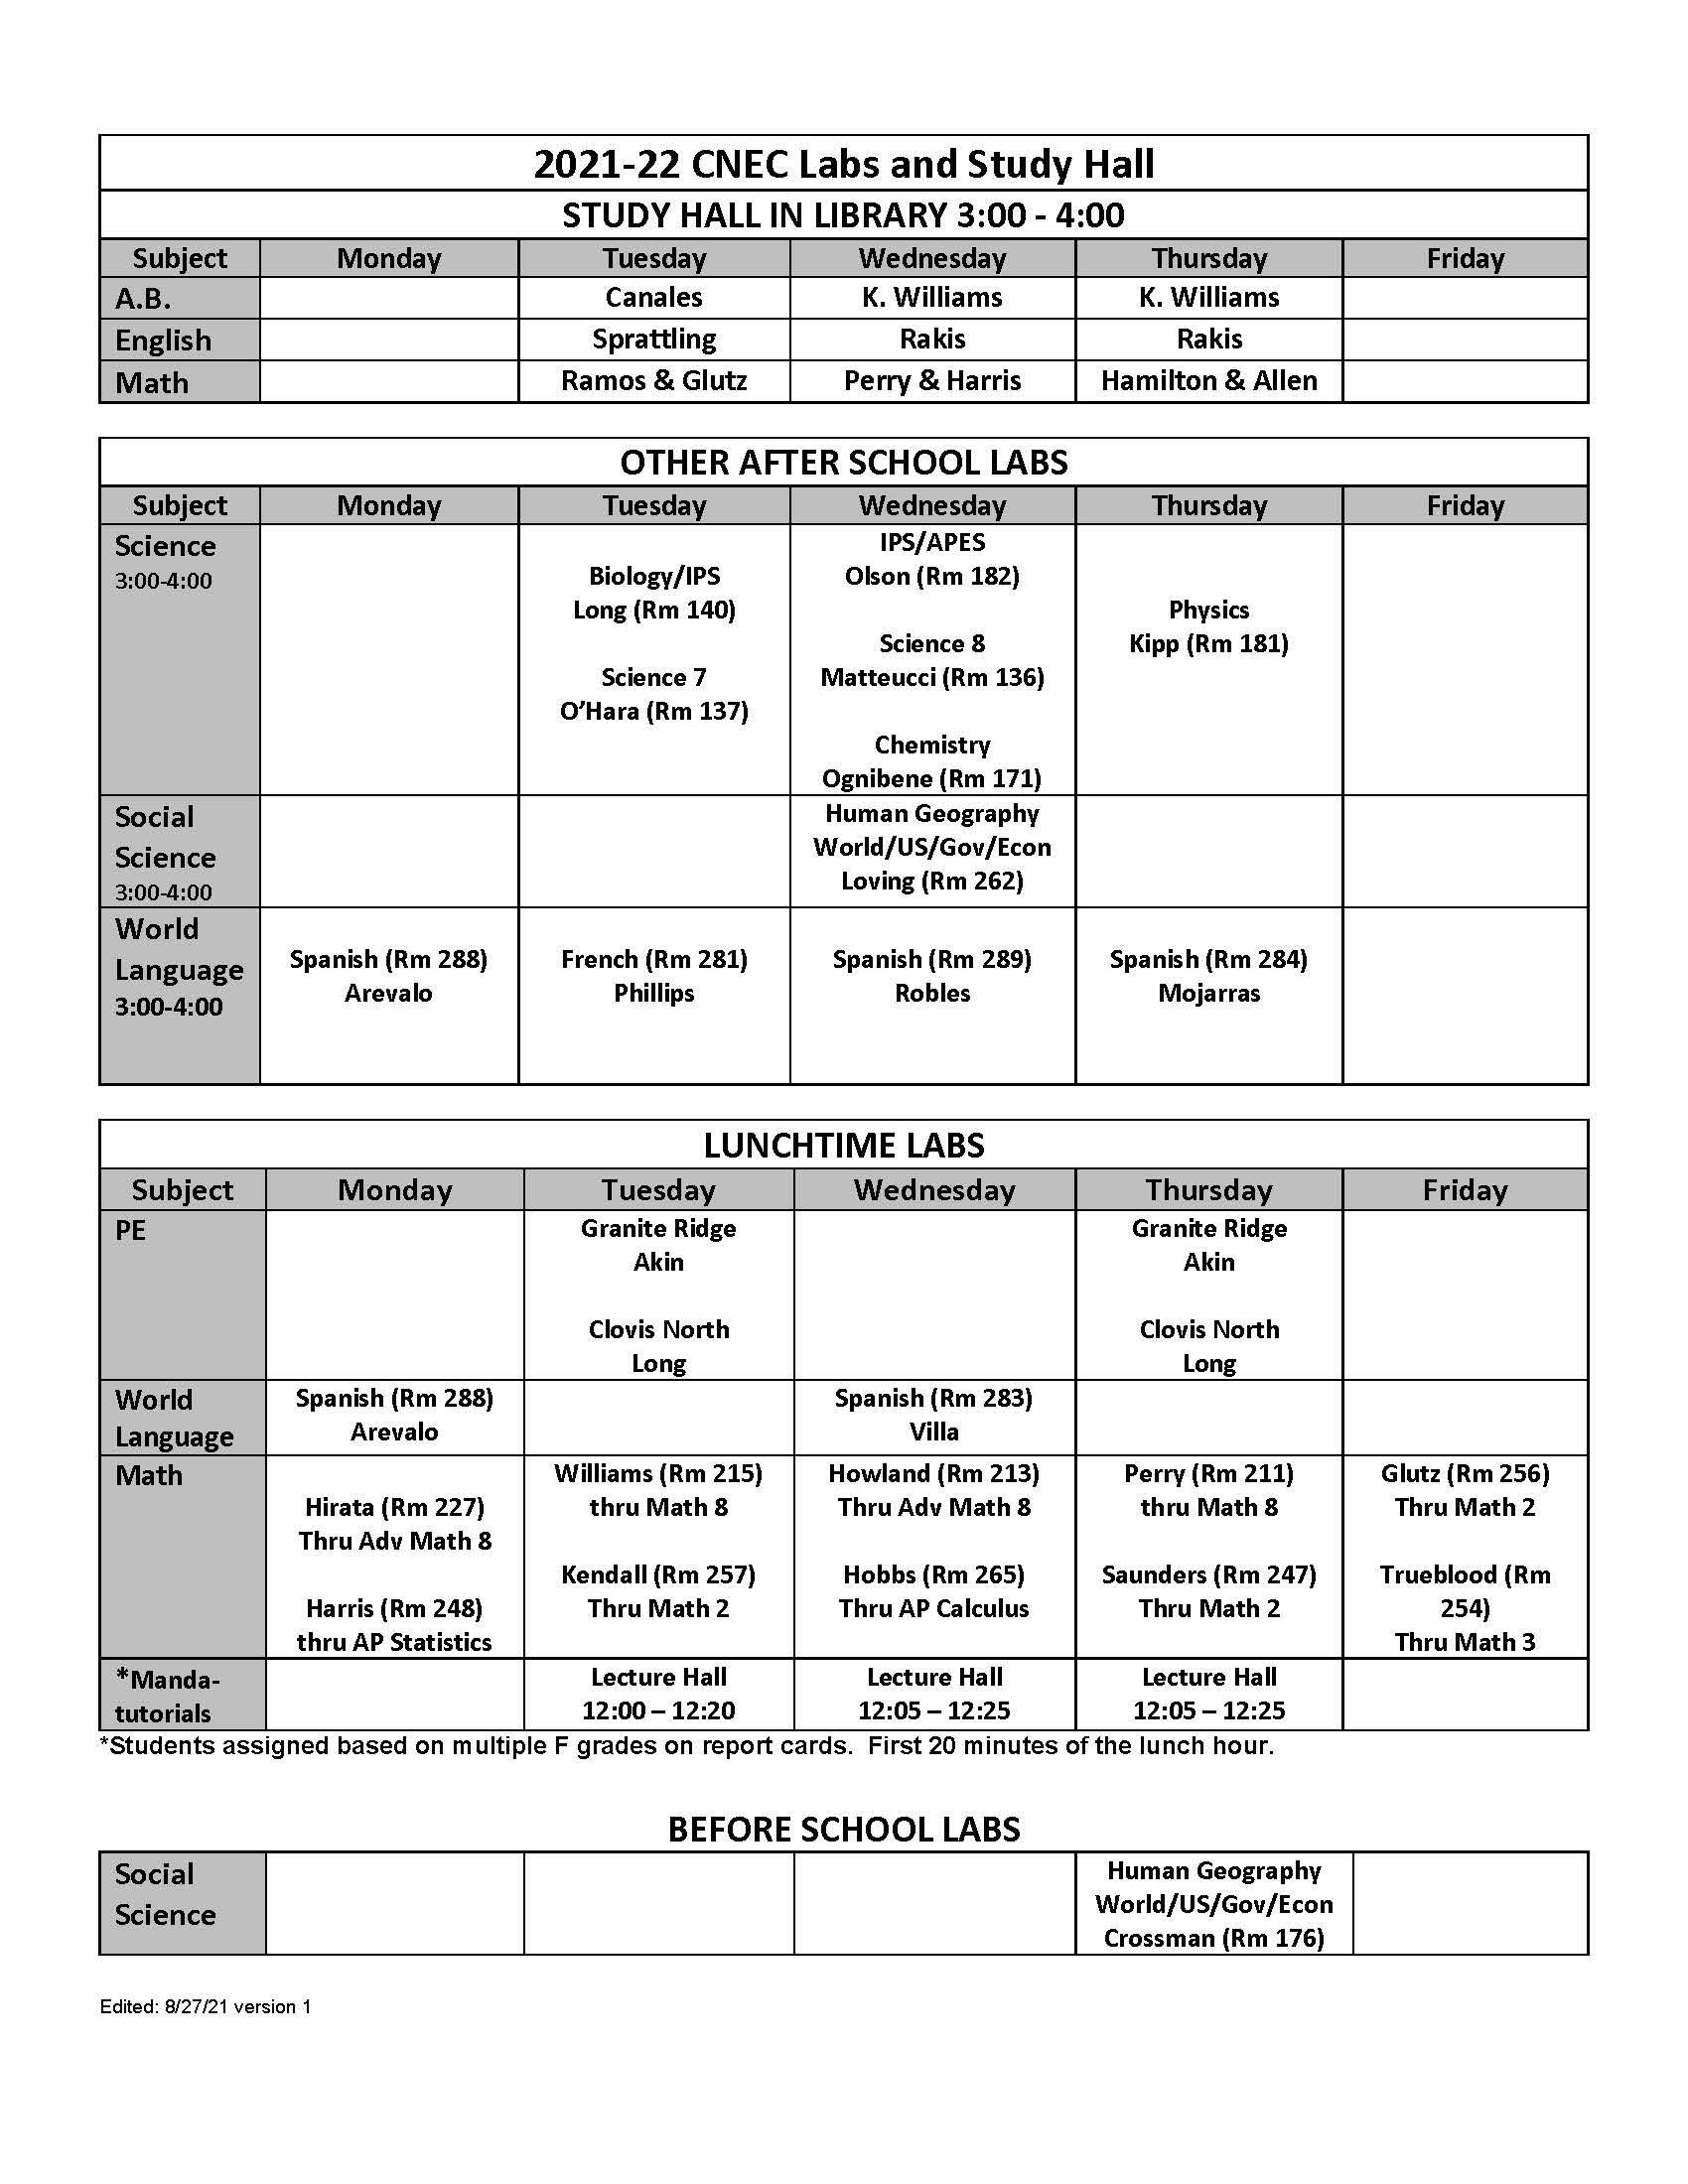 2021/22 Lab Schedule